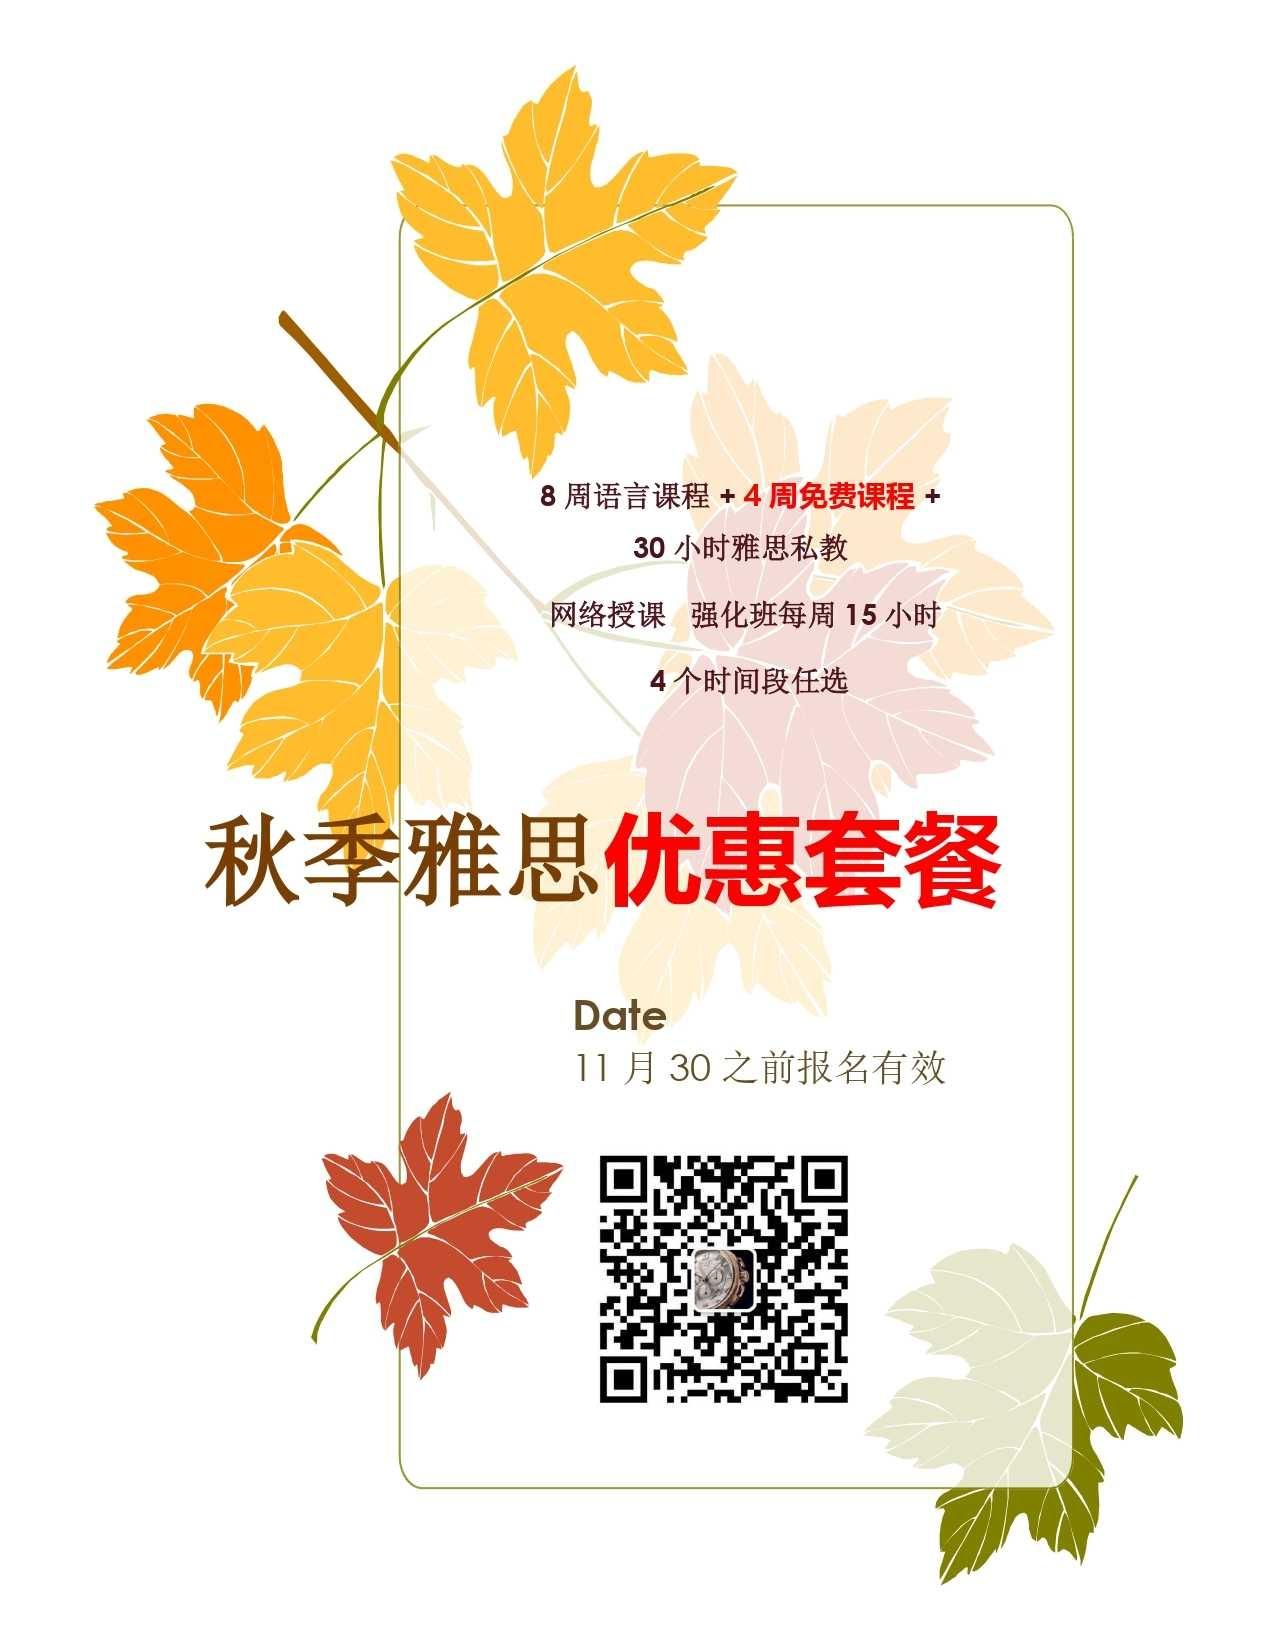 8周强化班语言课程_page-0001.jpg